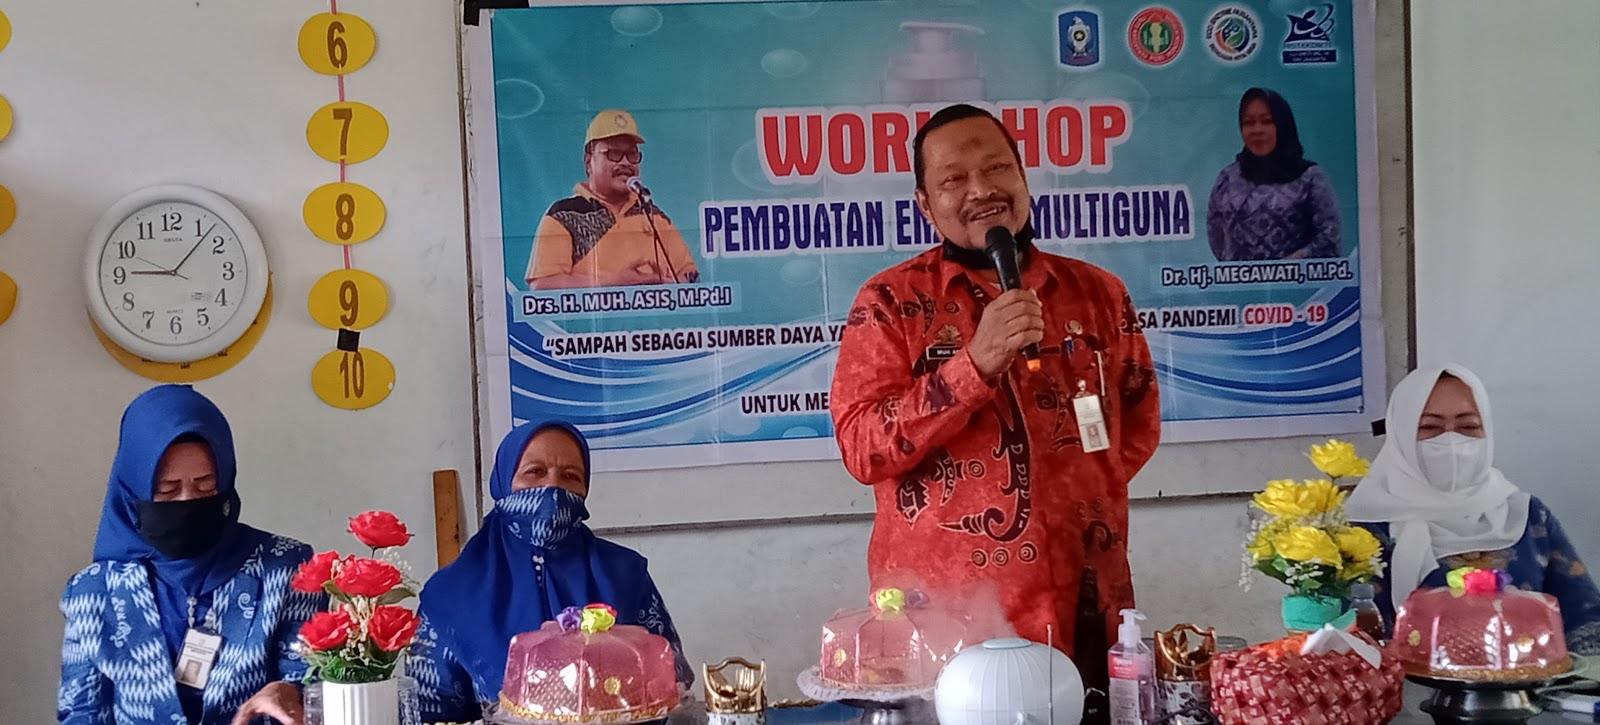 Kepala Dinas Dikbud Kabupaten Soppeng Hadir Dalam Kegiatan Workshop Pembuatan Enzyme Multiguna